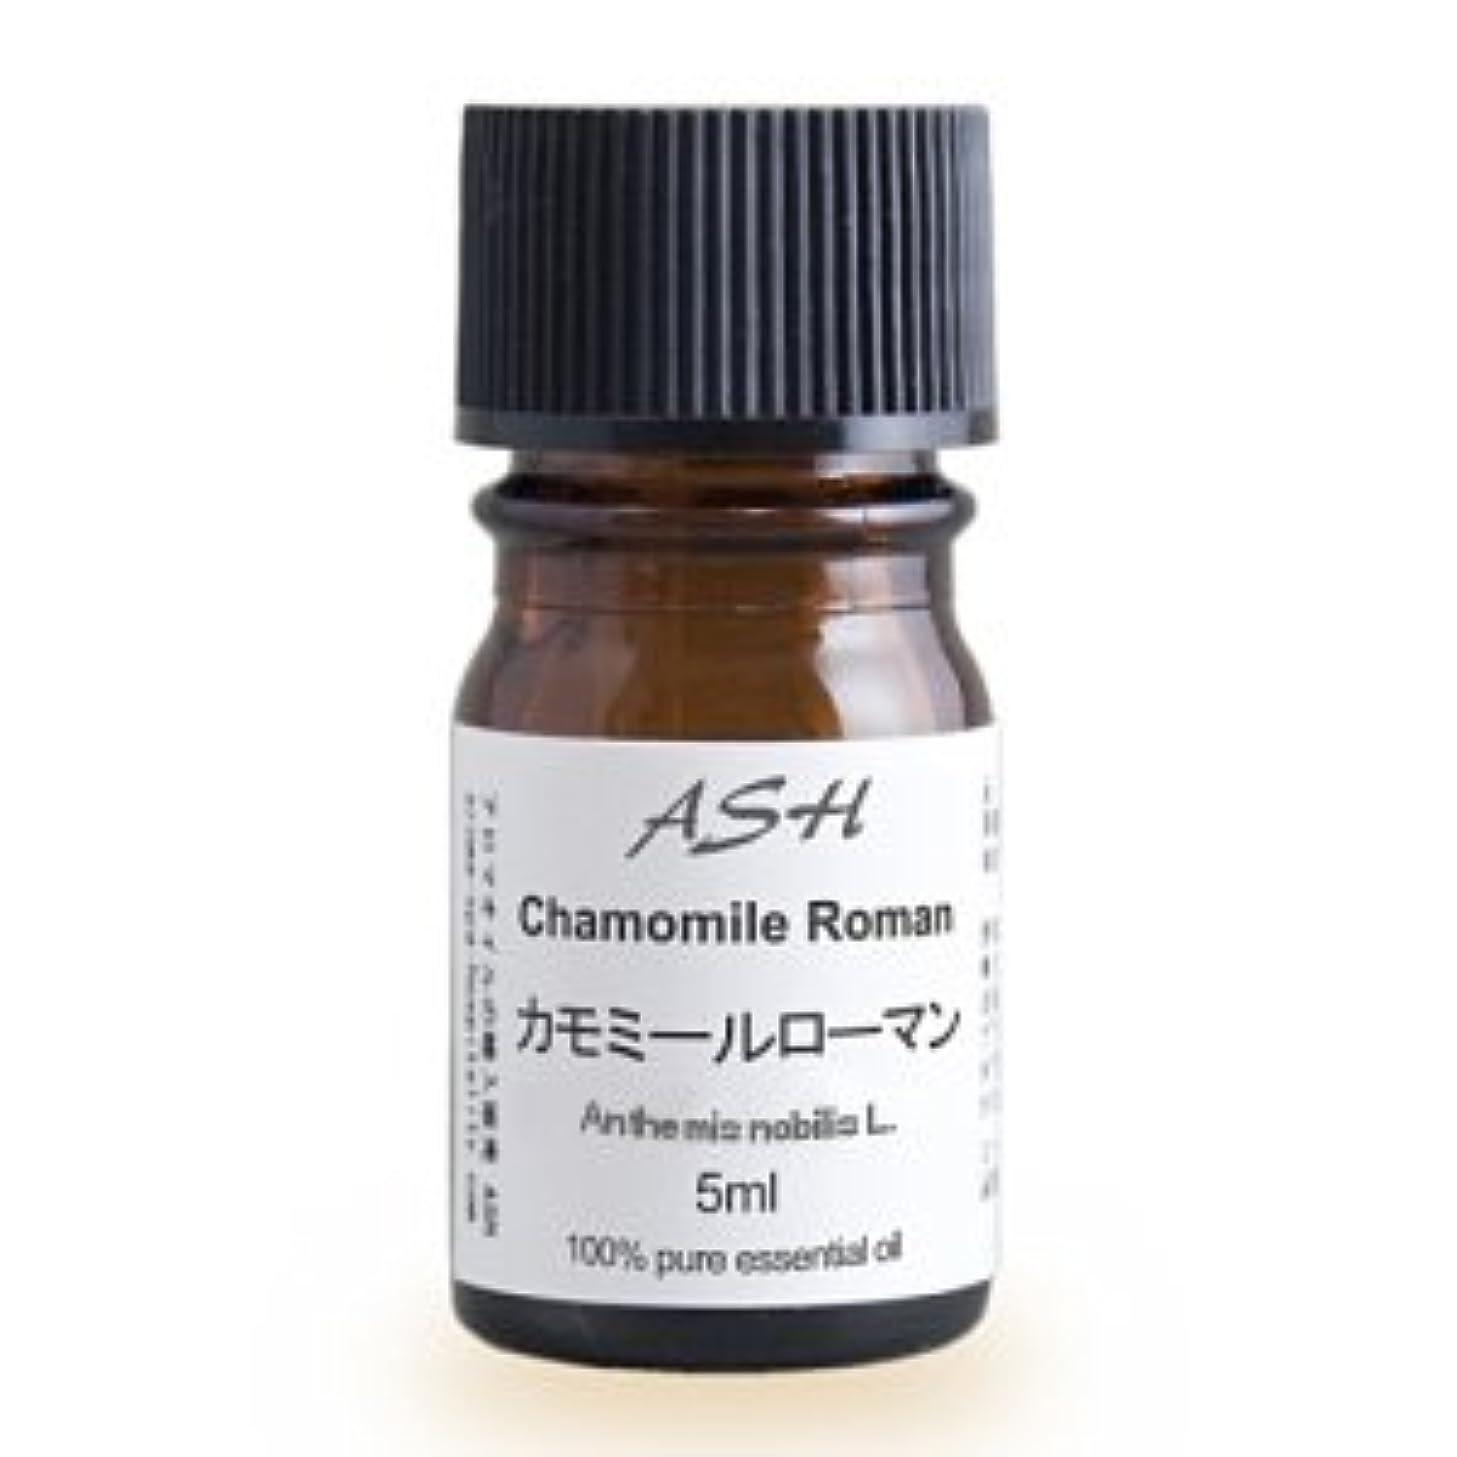 ライトニング没頭する素子ASH カモミールローマン エッセンシャルオイル 5ml AEAJ表示基準適合認定精油